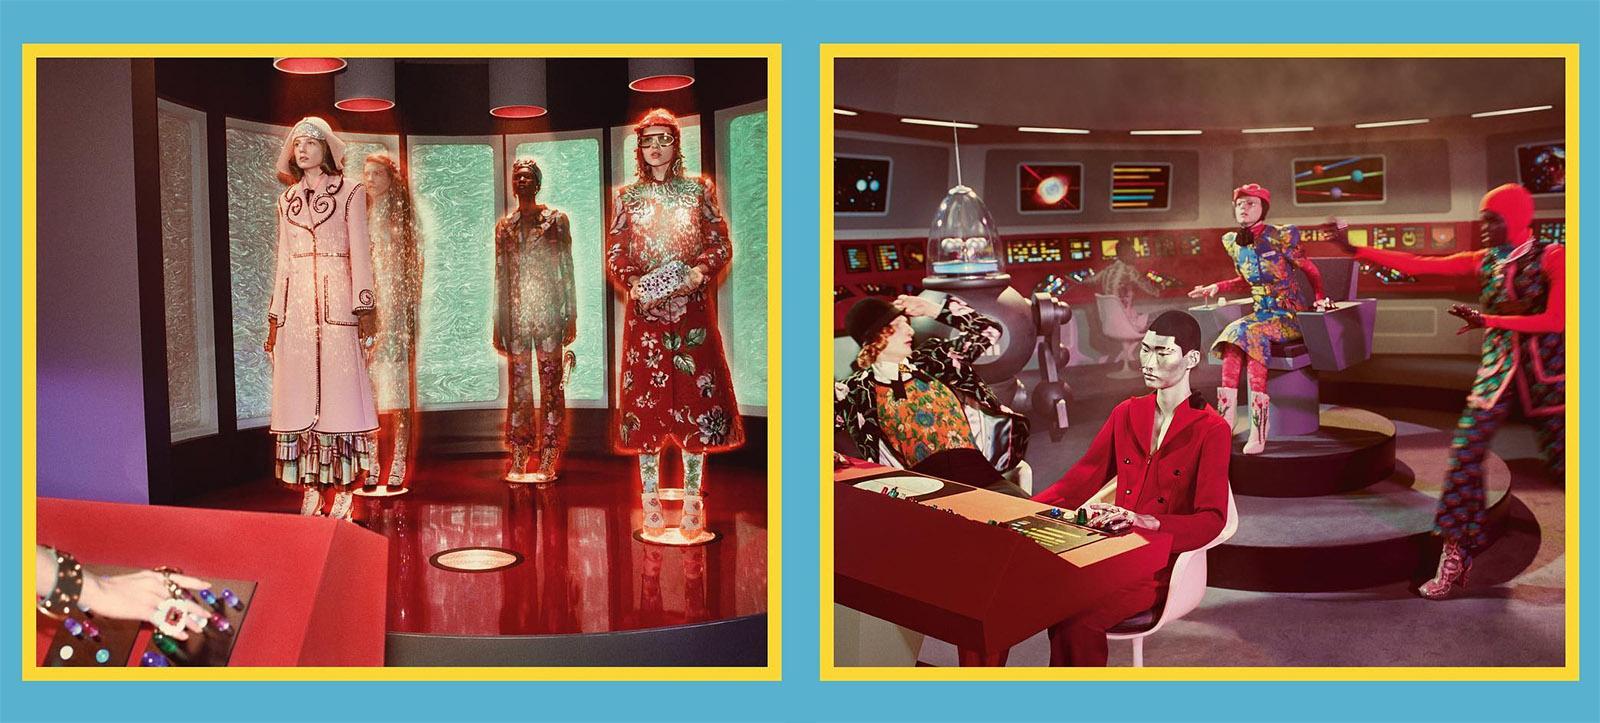 Gucci Benz >> Gucci's latest fashion is a retro sci-fi mashup